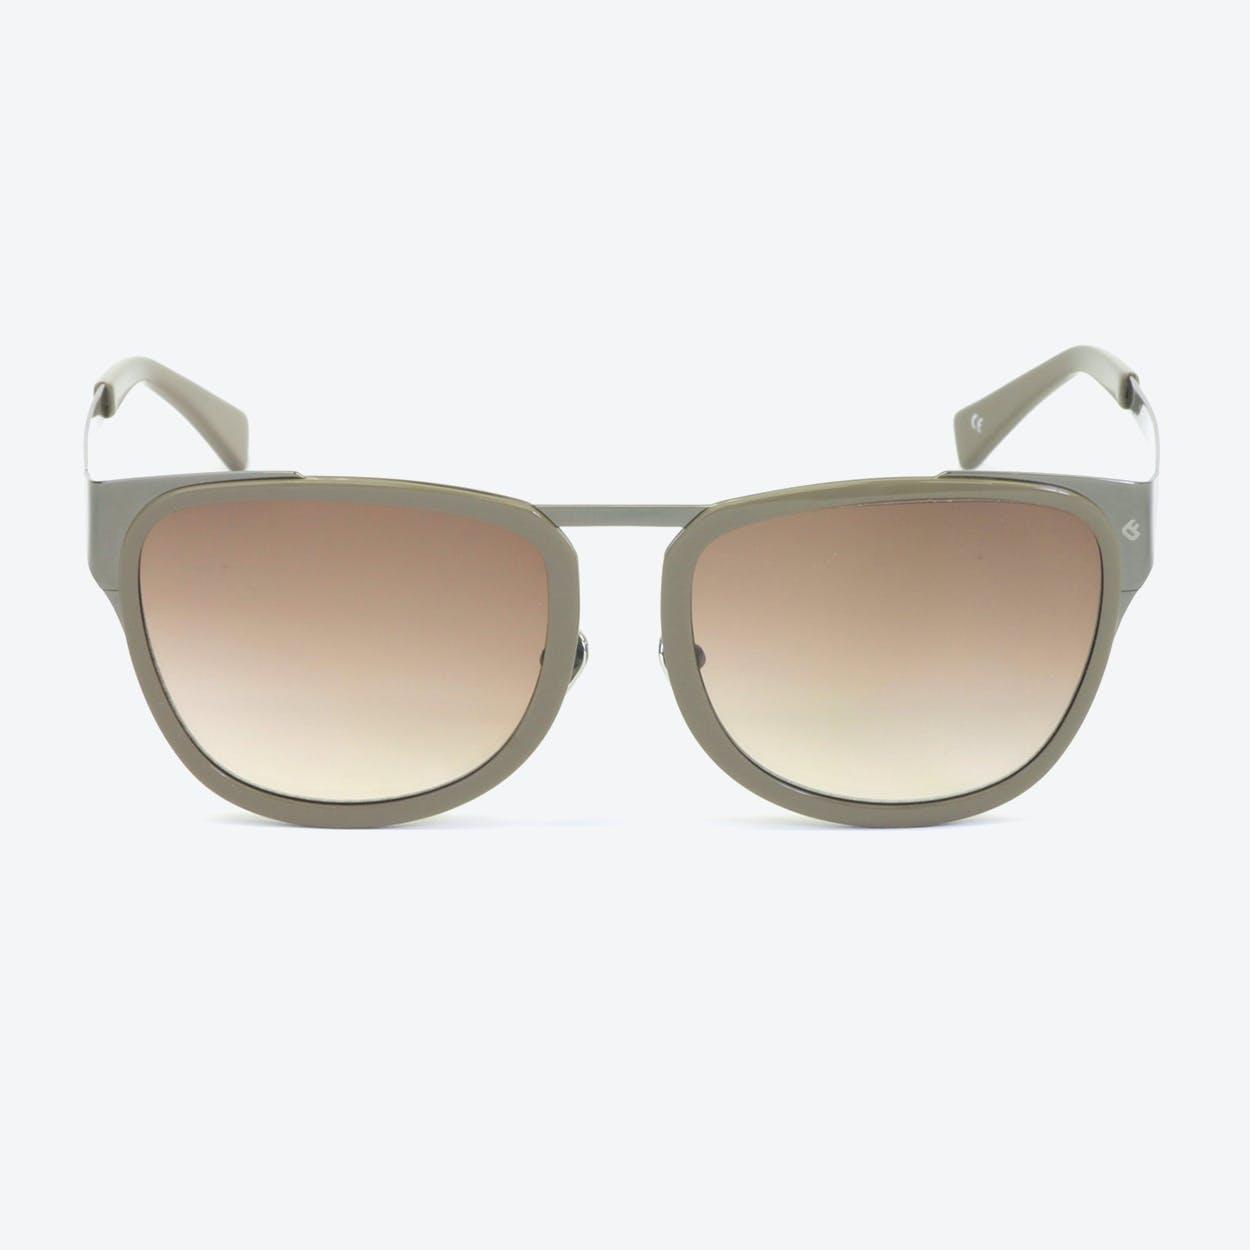 Sunglasses Solitude C04